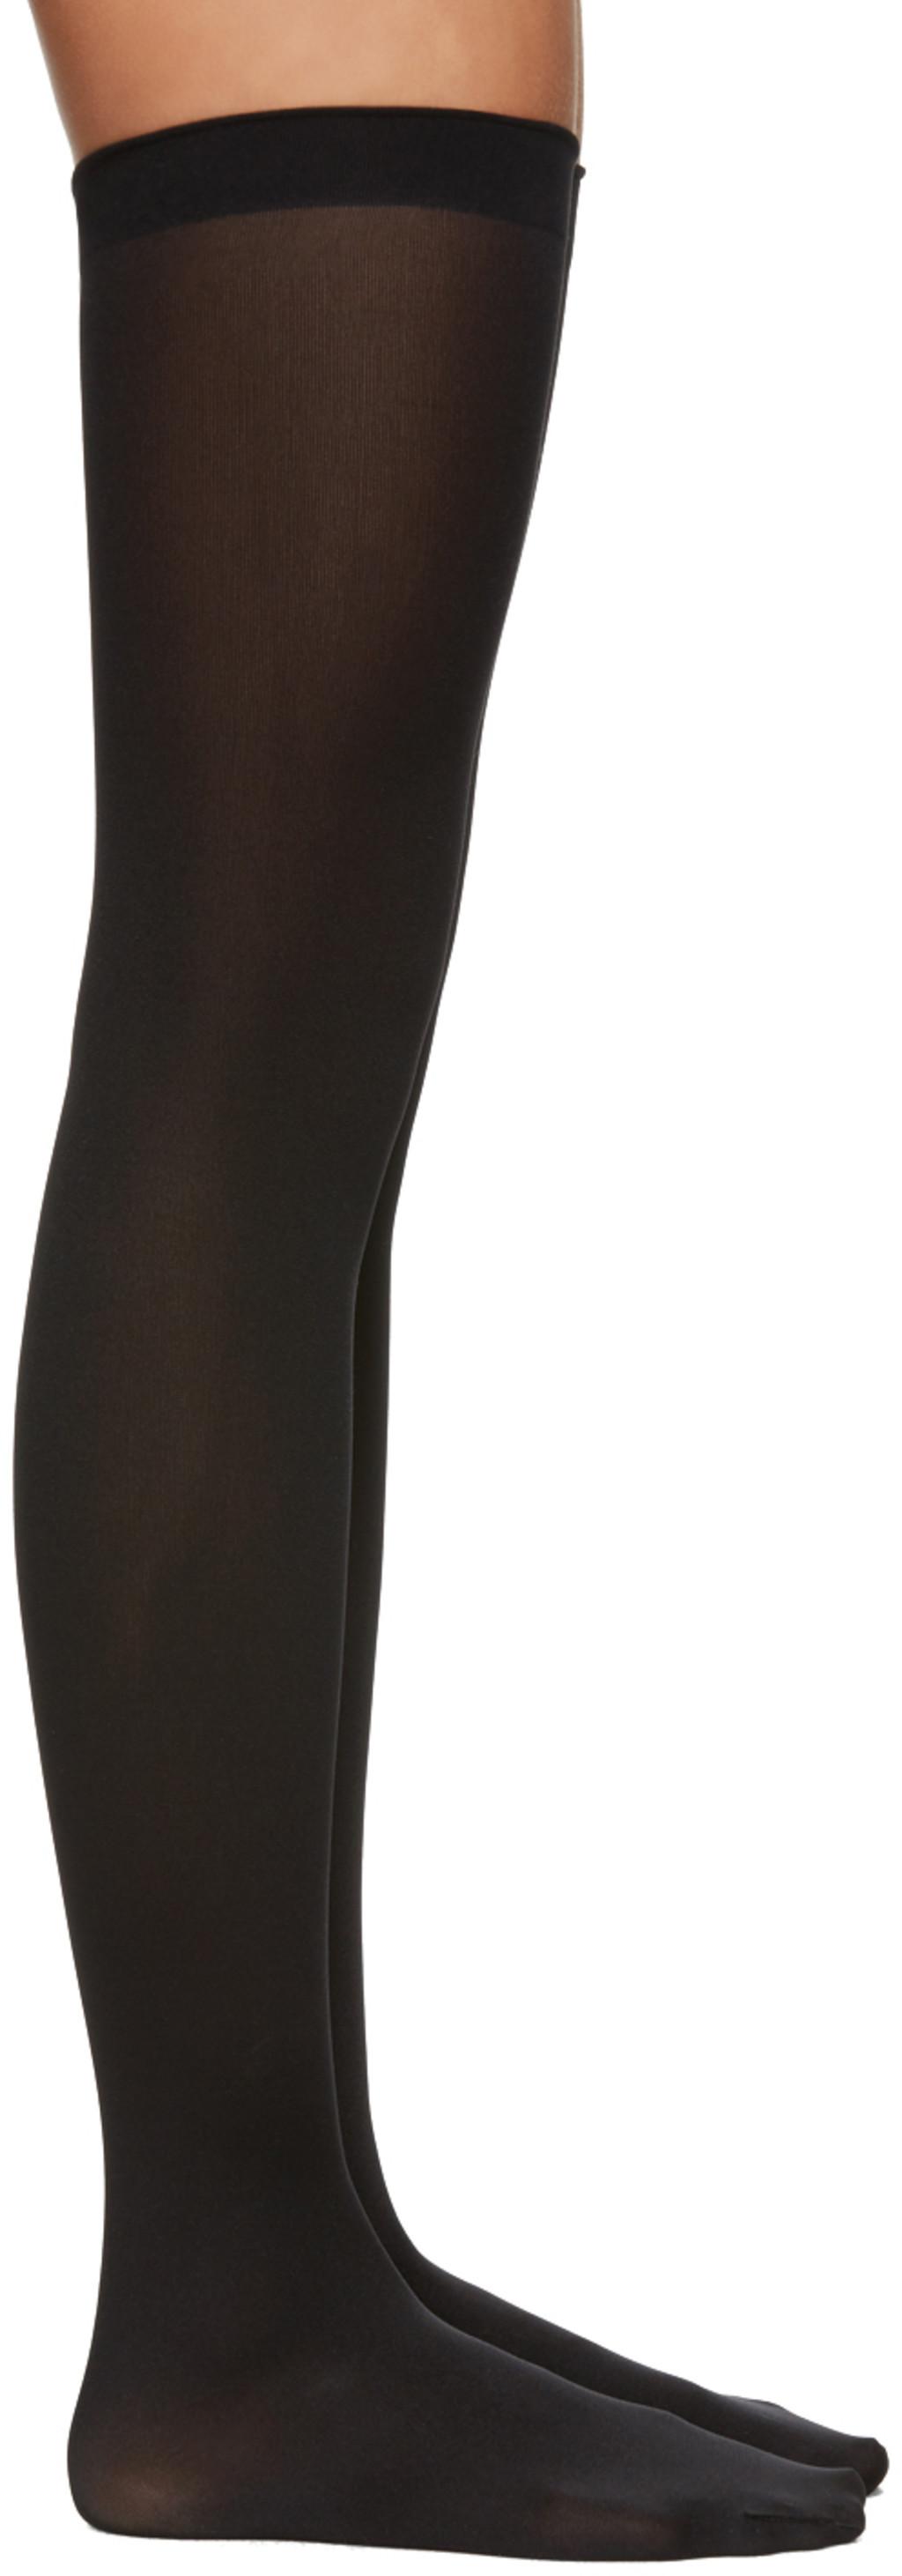 3e8fce1409466 Designer socks for Women | SSENSE